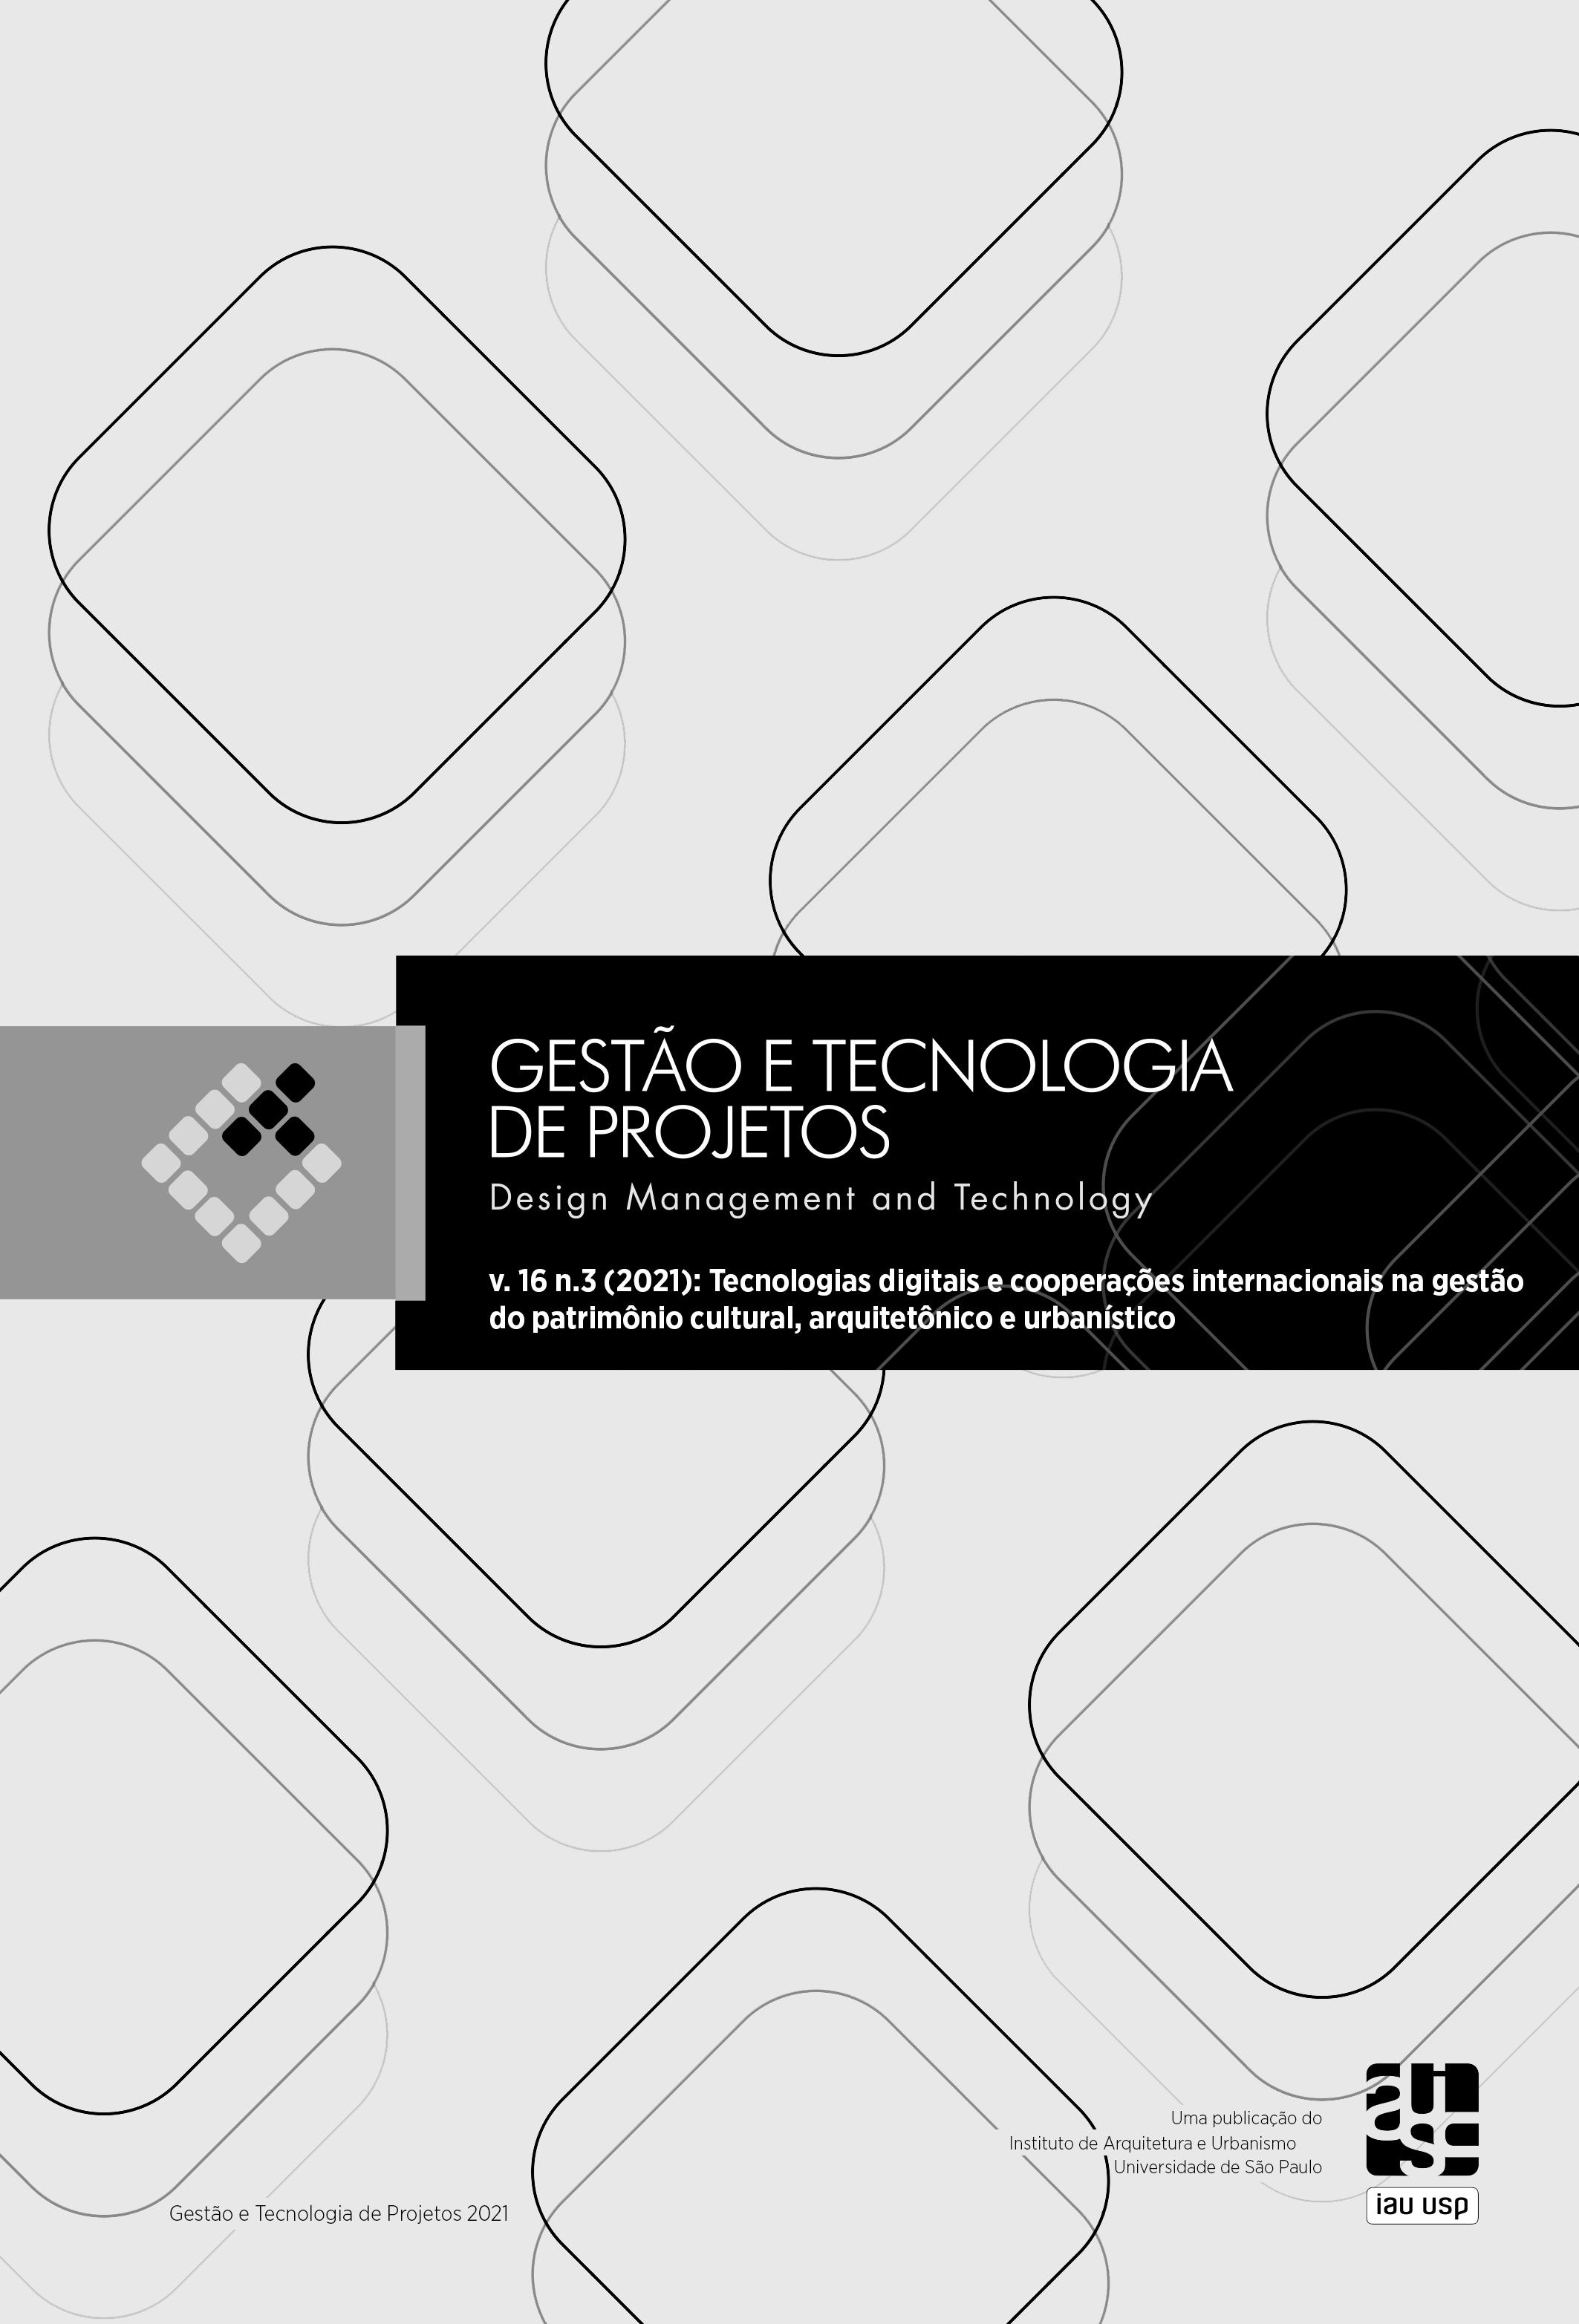 Visualizar v. 16 n. 3 (2021): Tecnologias digitais e cooperações internacionais na gestão do patrimônio cultural, arquitetônico e urbanístico